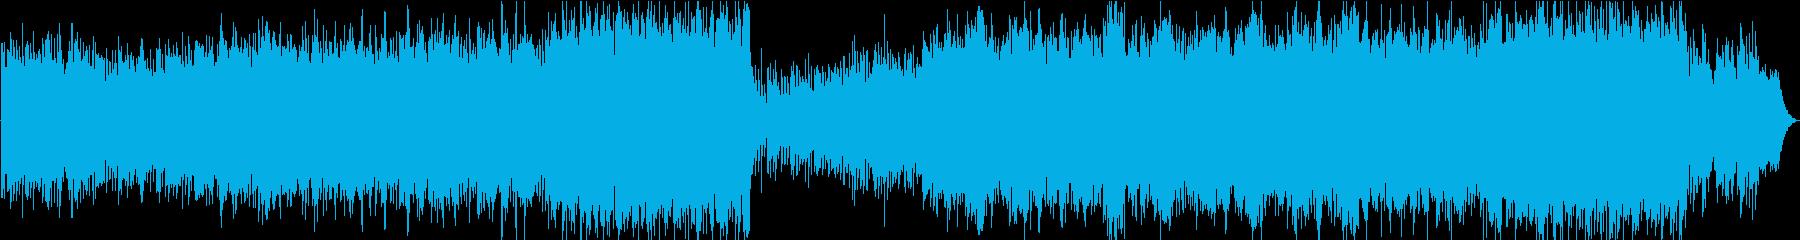 ジブリ風のノスタルジックなマンドリン曲の再生済みの波形